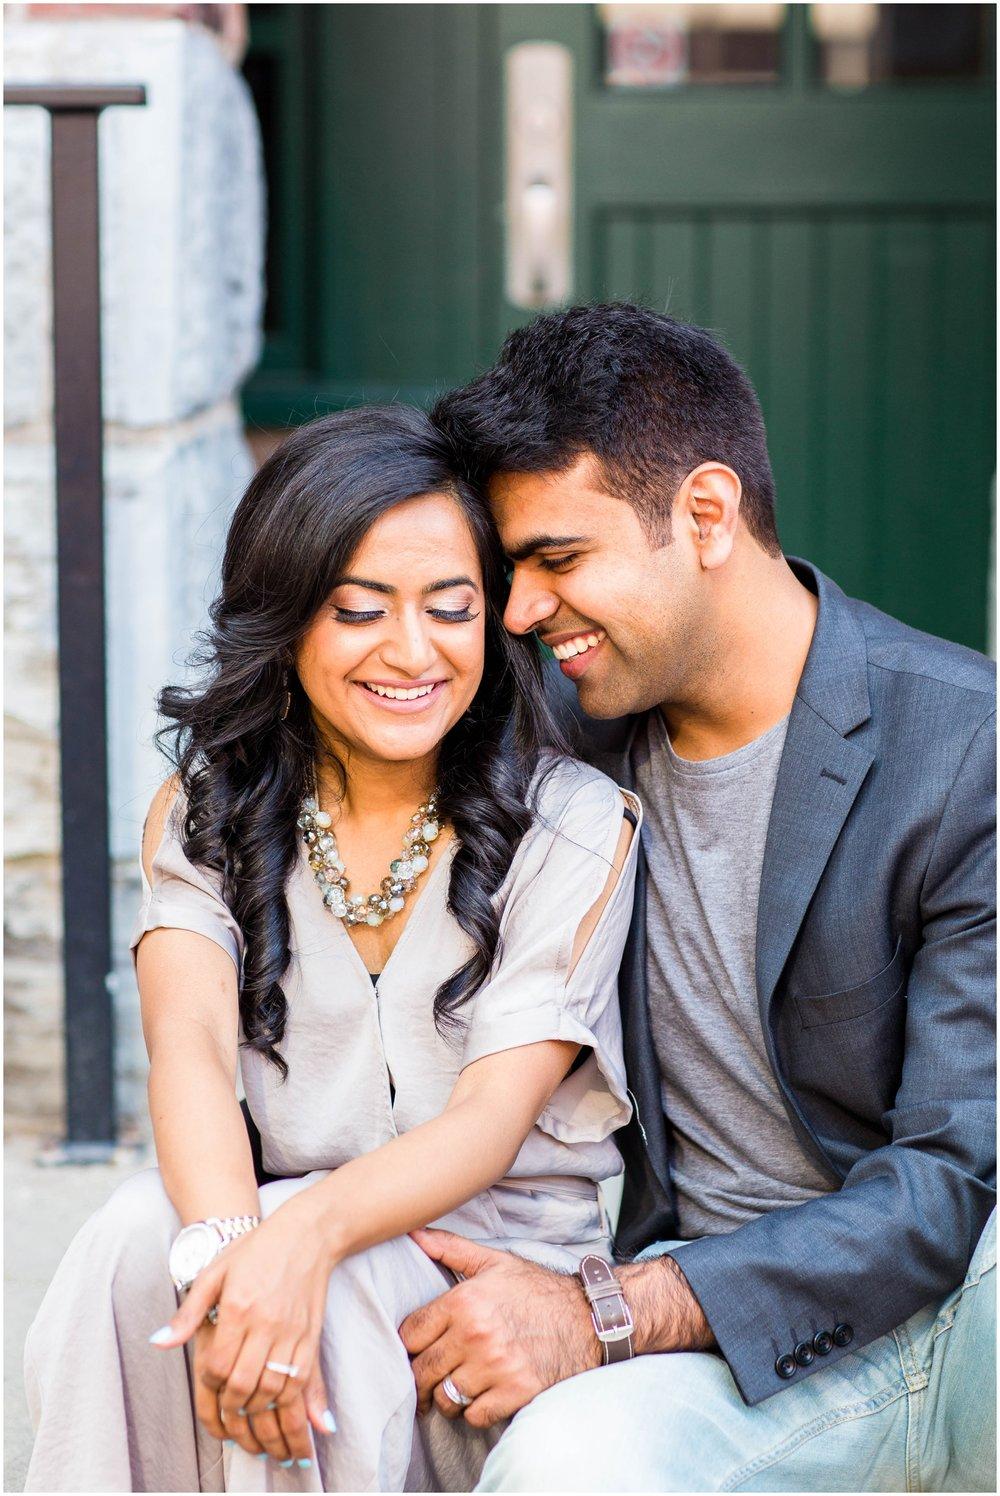 2017-Engagements-Toronto-Mississauga-GTA-Pakistani-Indian-Wedding-Photography-Photographer_0026.jpg